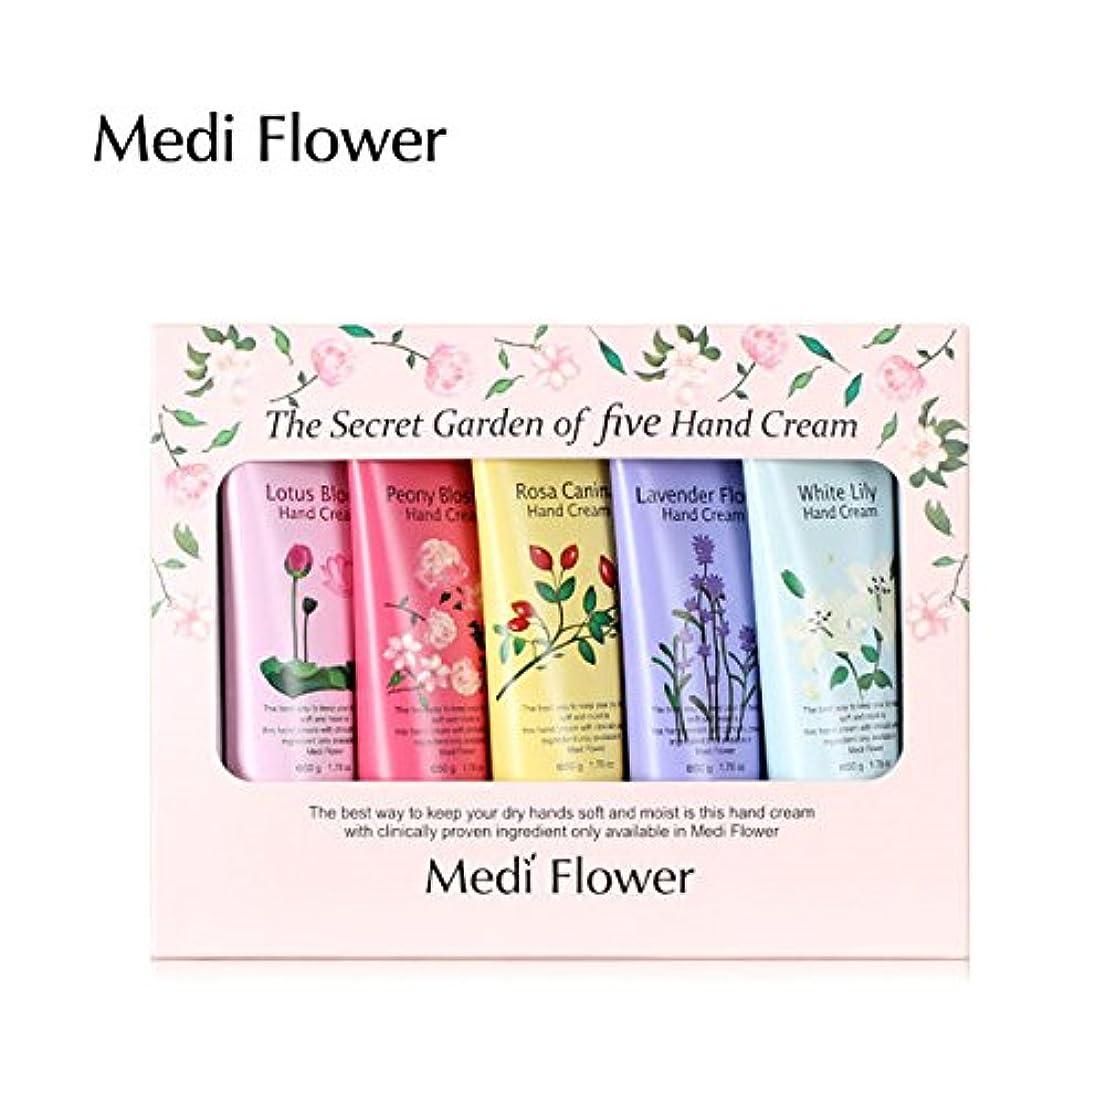 排除するかりて羊飼い[MediFlower] ザ?シークレットガーデン?ハンドクリームセット(50g x 5個) / The Secret Garden of Five Hand Cream Set